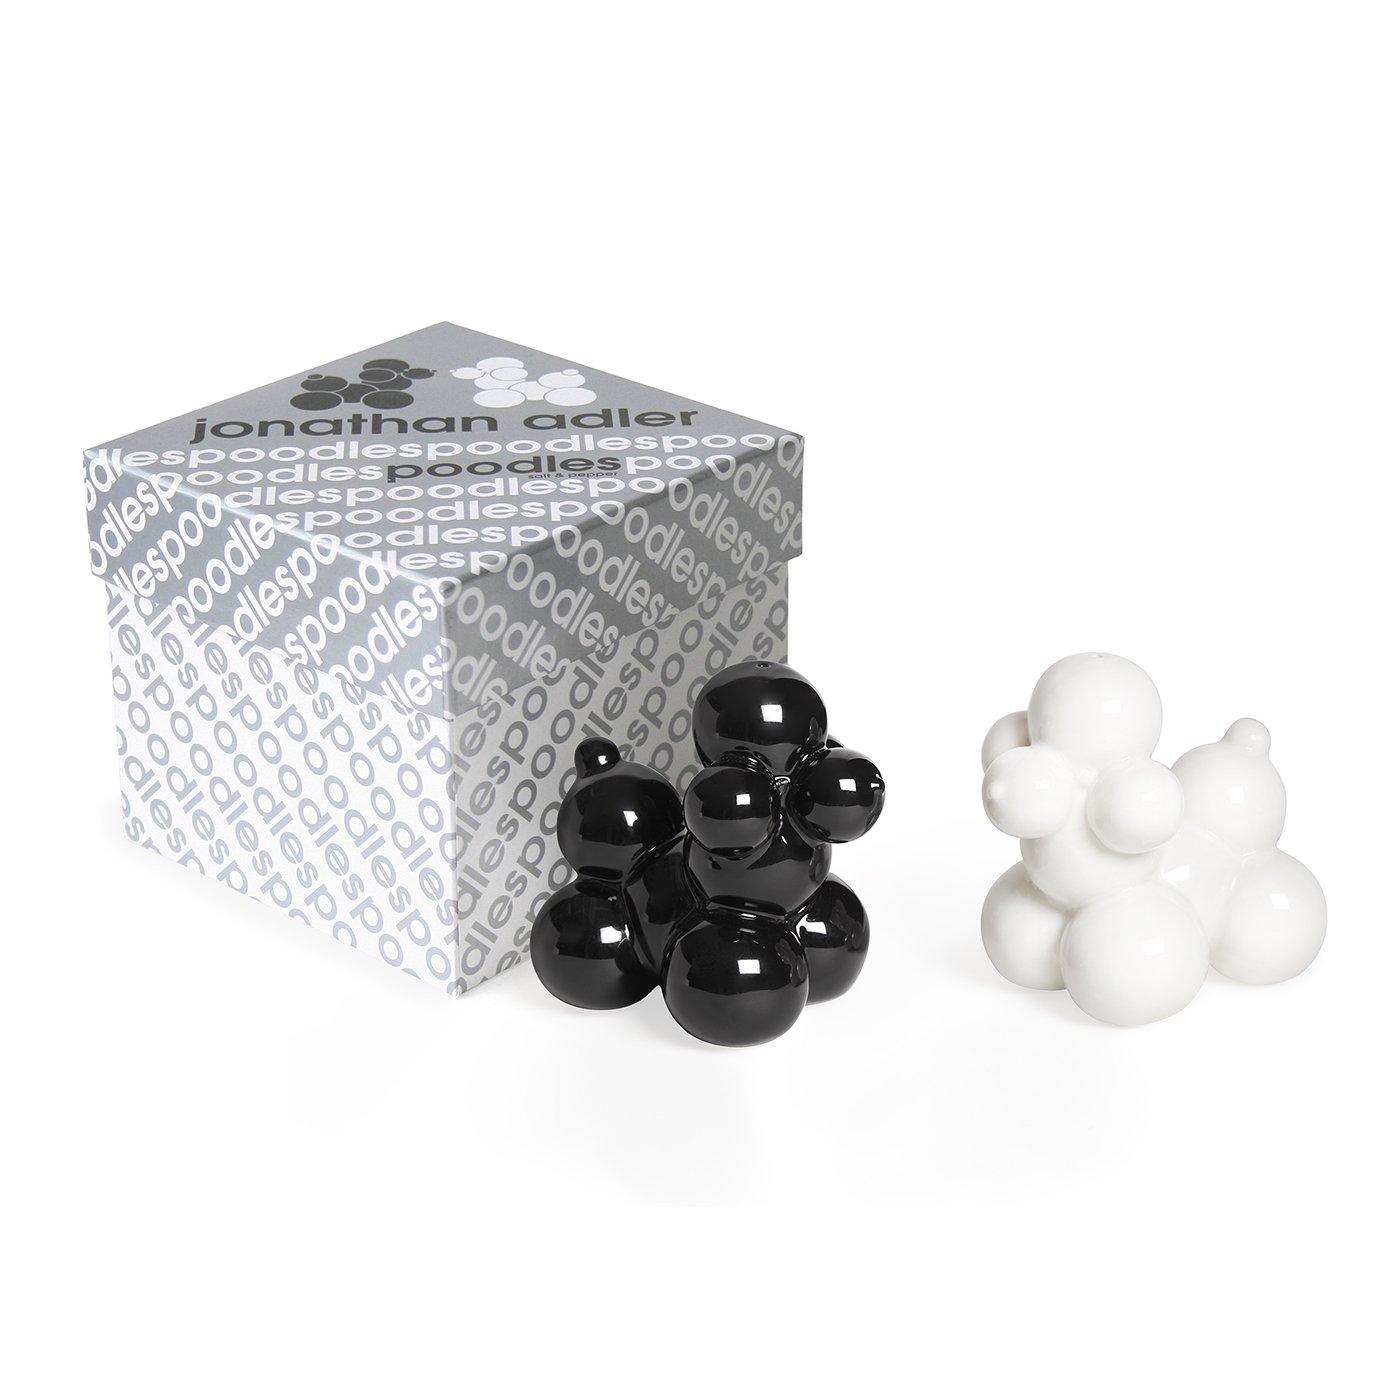 Jonathan Adler Poodles Salt & Pepper Shakers, Black and White by Jonathan Adler